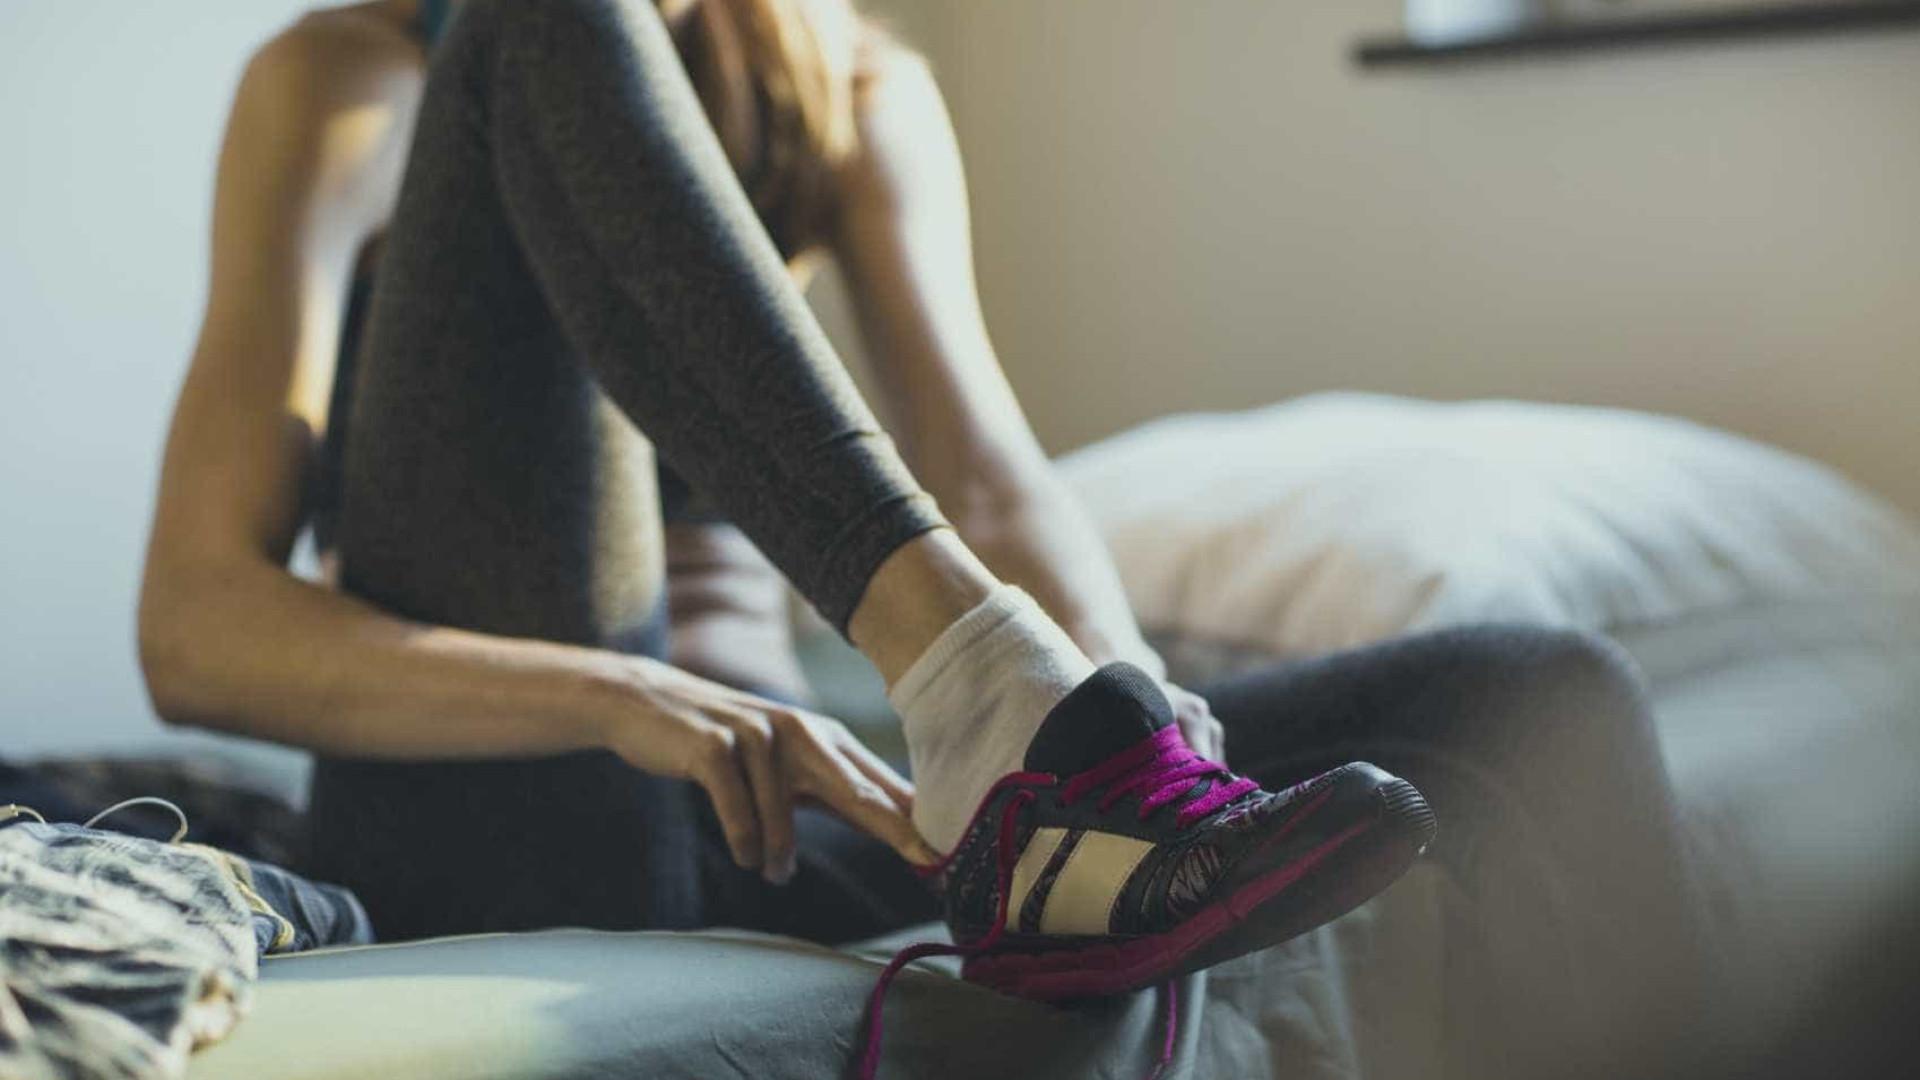 A Meia Maratona é amanhã: As últimas dicas a ter em conta antes da prova